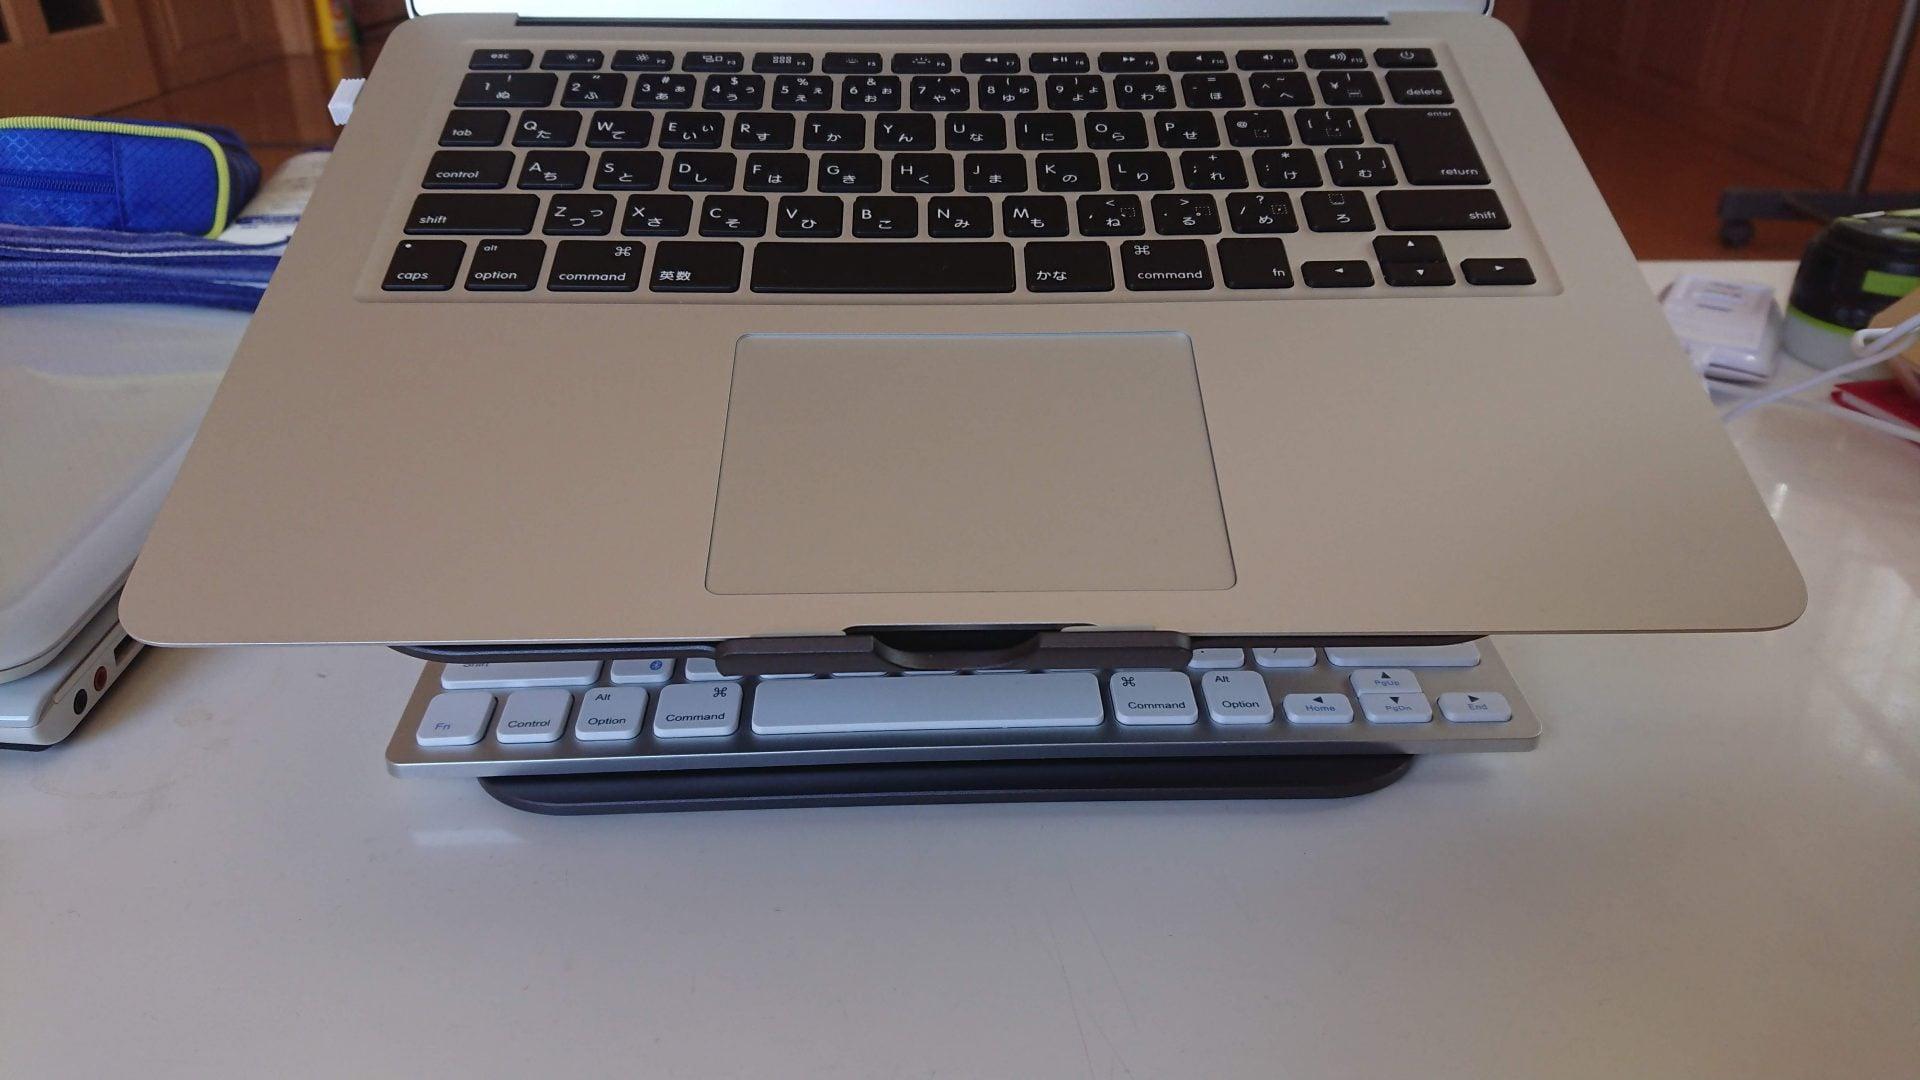 上部MACBOOK本体。下部にキーボードを置いて比較してみた